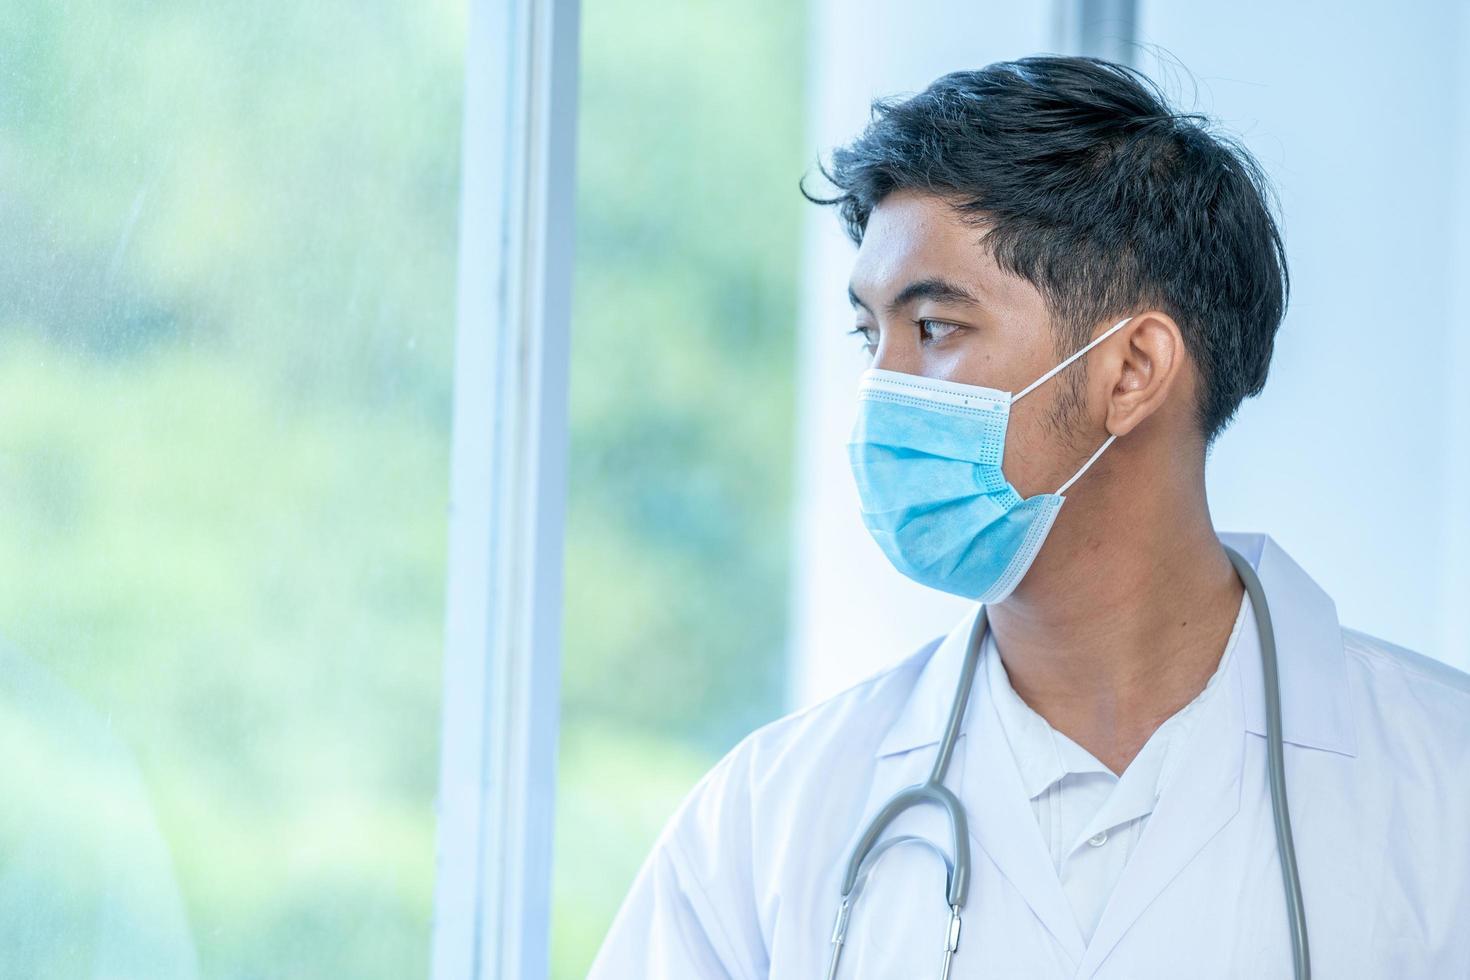 homme, à, masque facial, et, stéthoscope, regarder hors fenêtre photo